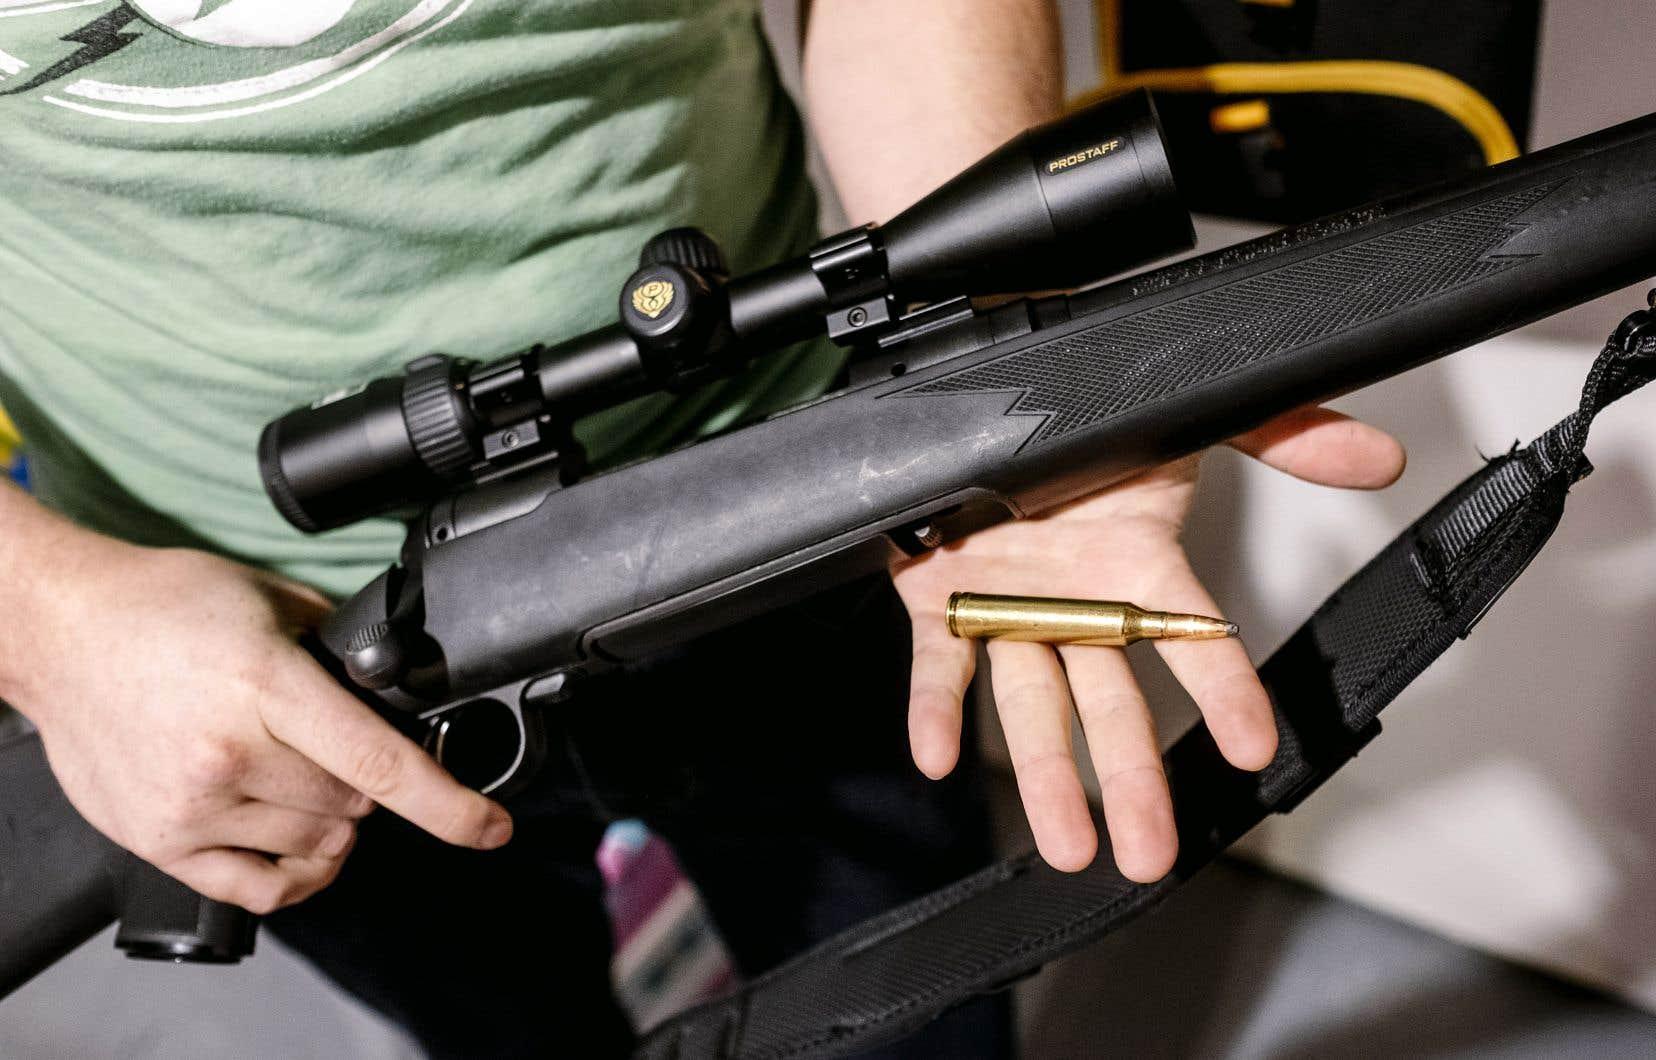 Lundi, «Le Devoir» révélait que la GRC (ou la Sûreté du Québec pour le Québec) ne vérifie pas si un demandeur de permis d'armes à feu a éprouvé dans le passé des problèmes de santé mentale.